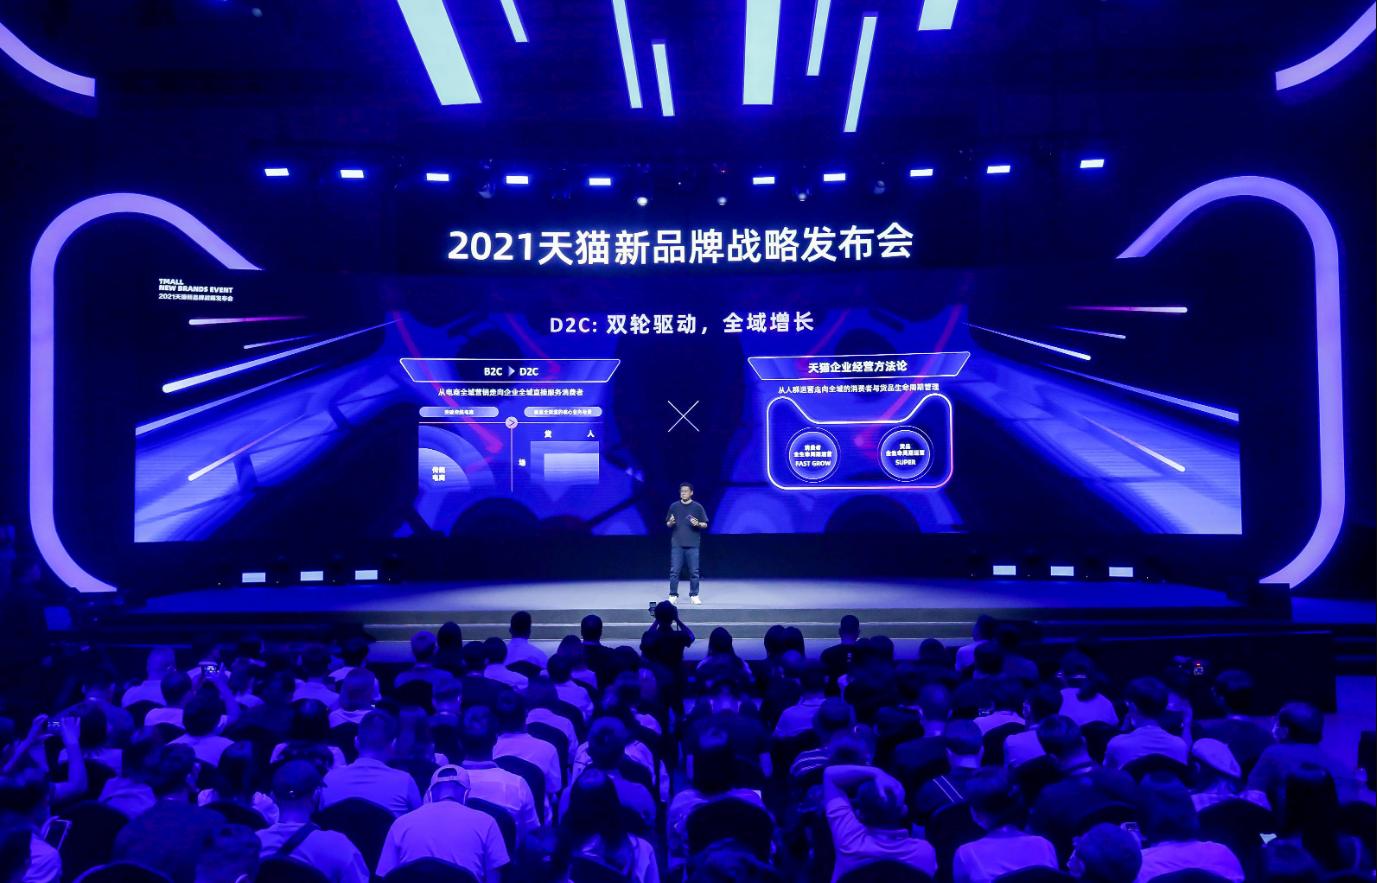 早报:快手起诉shua量商家获赔6.6万元;天猫发布2021新战略